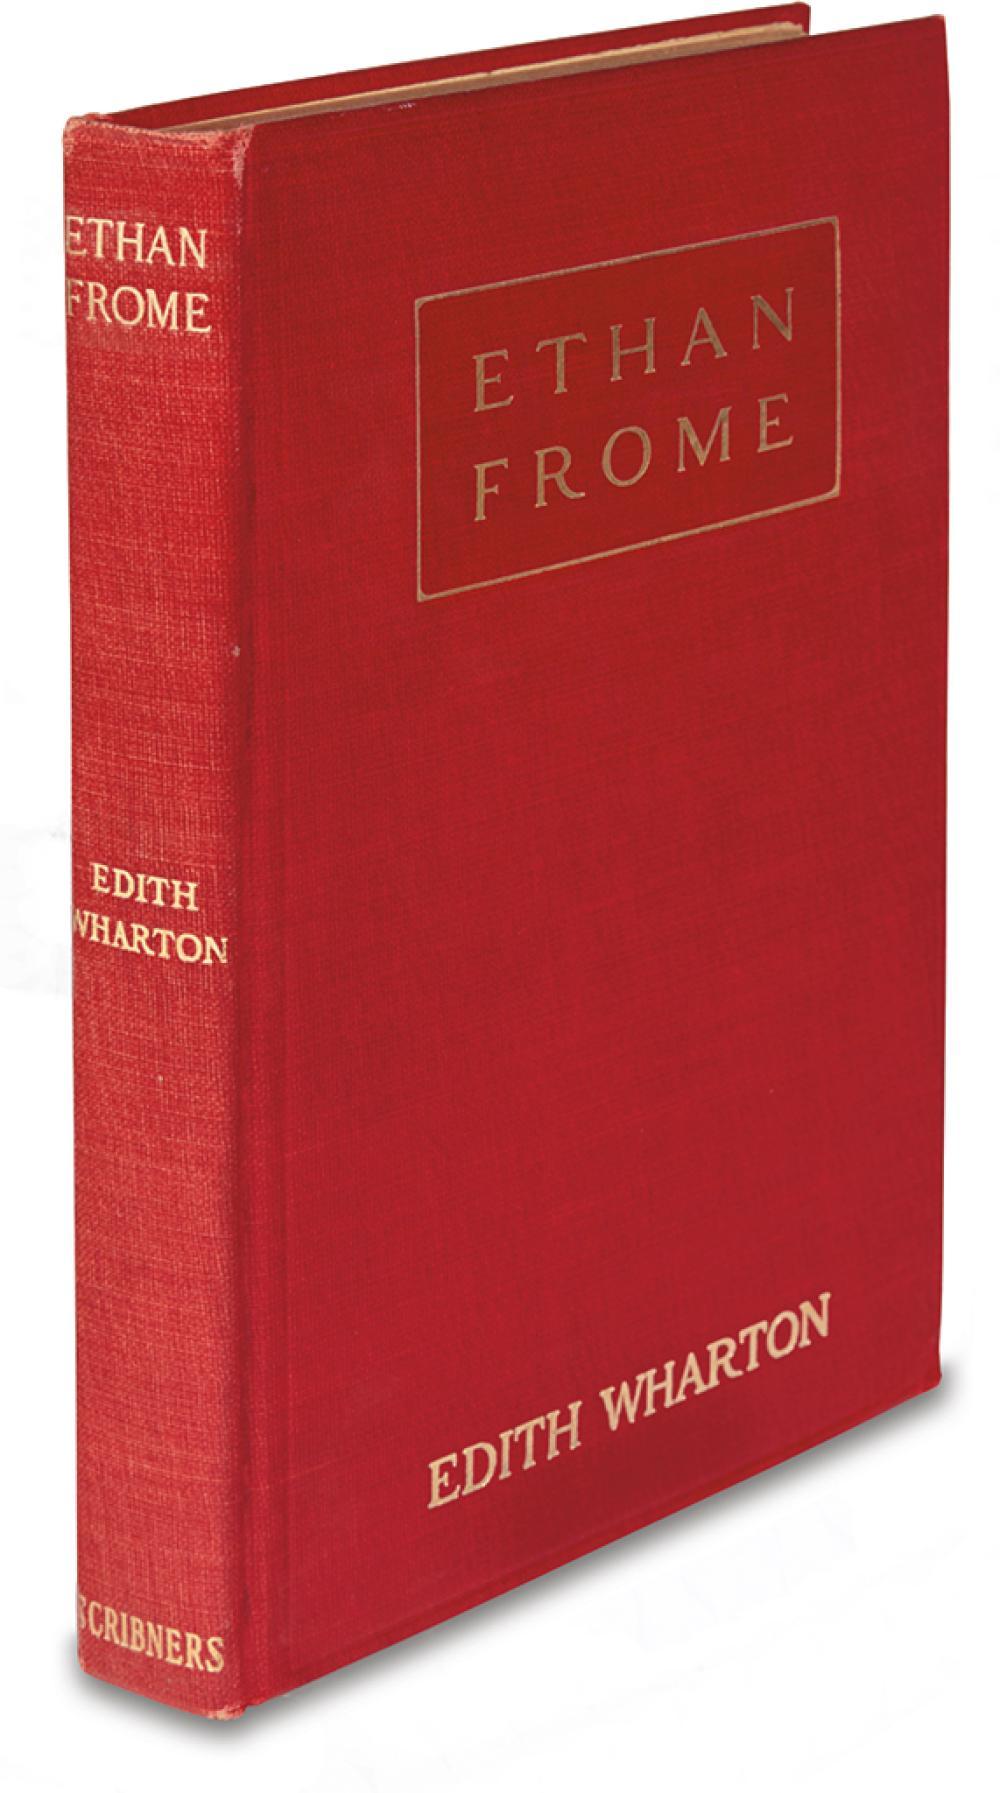 WHARTON, EDITH. Ethan Frome.